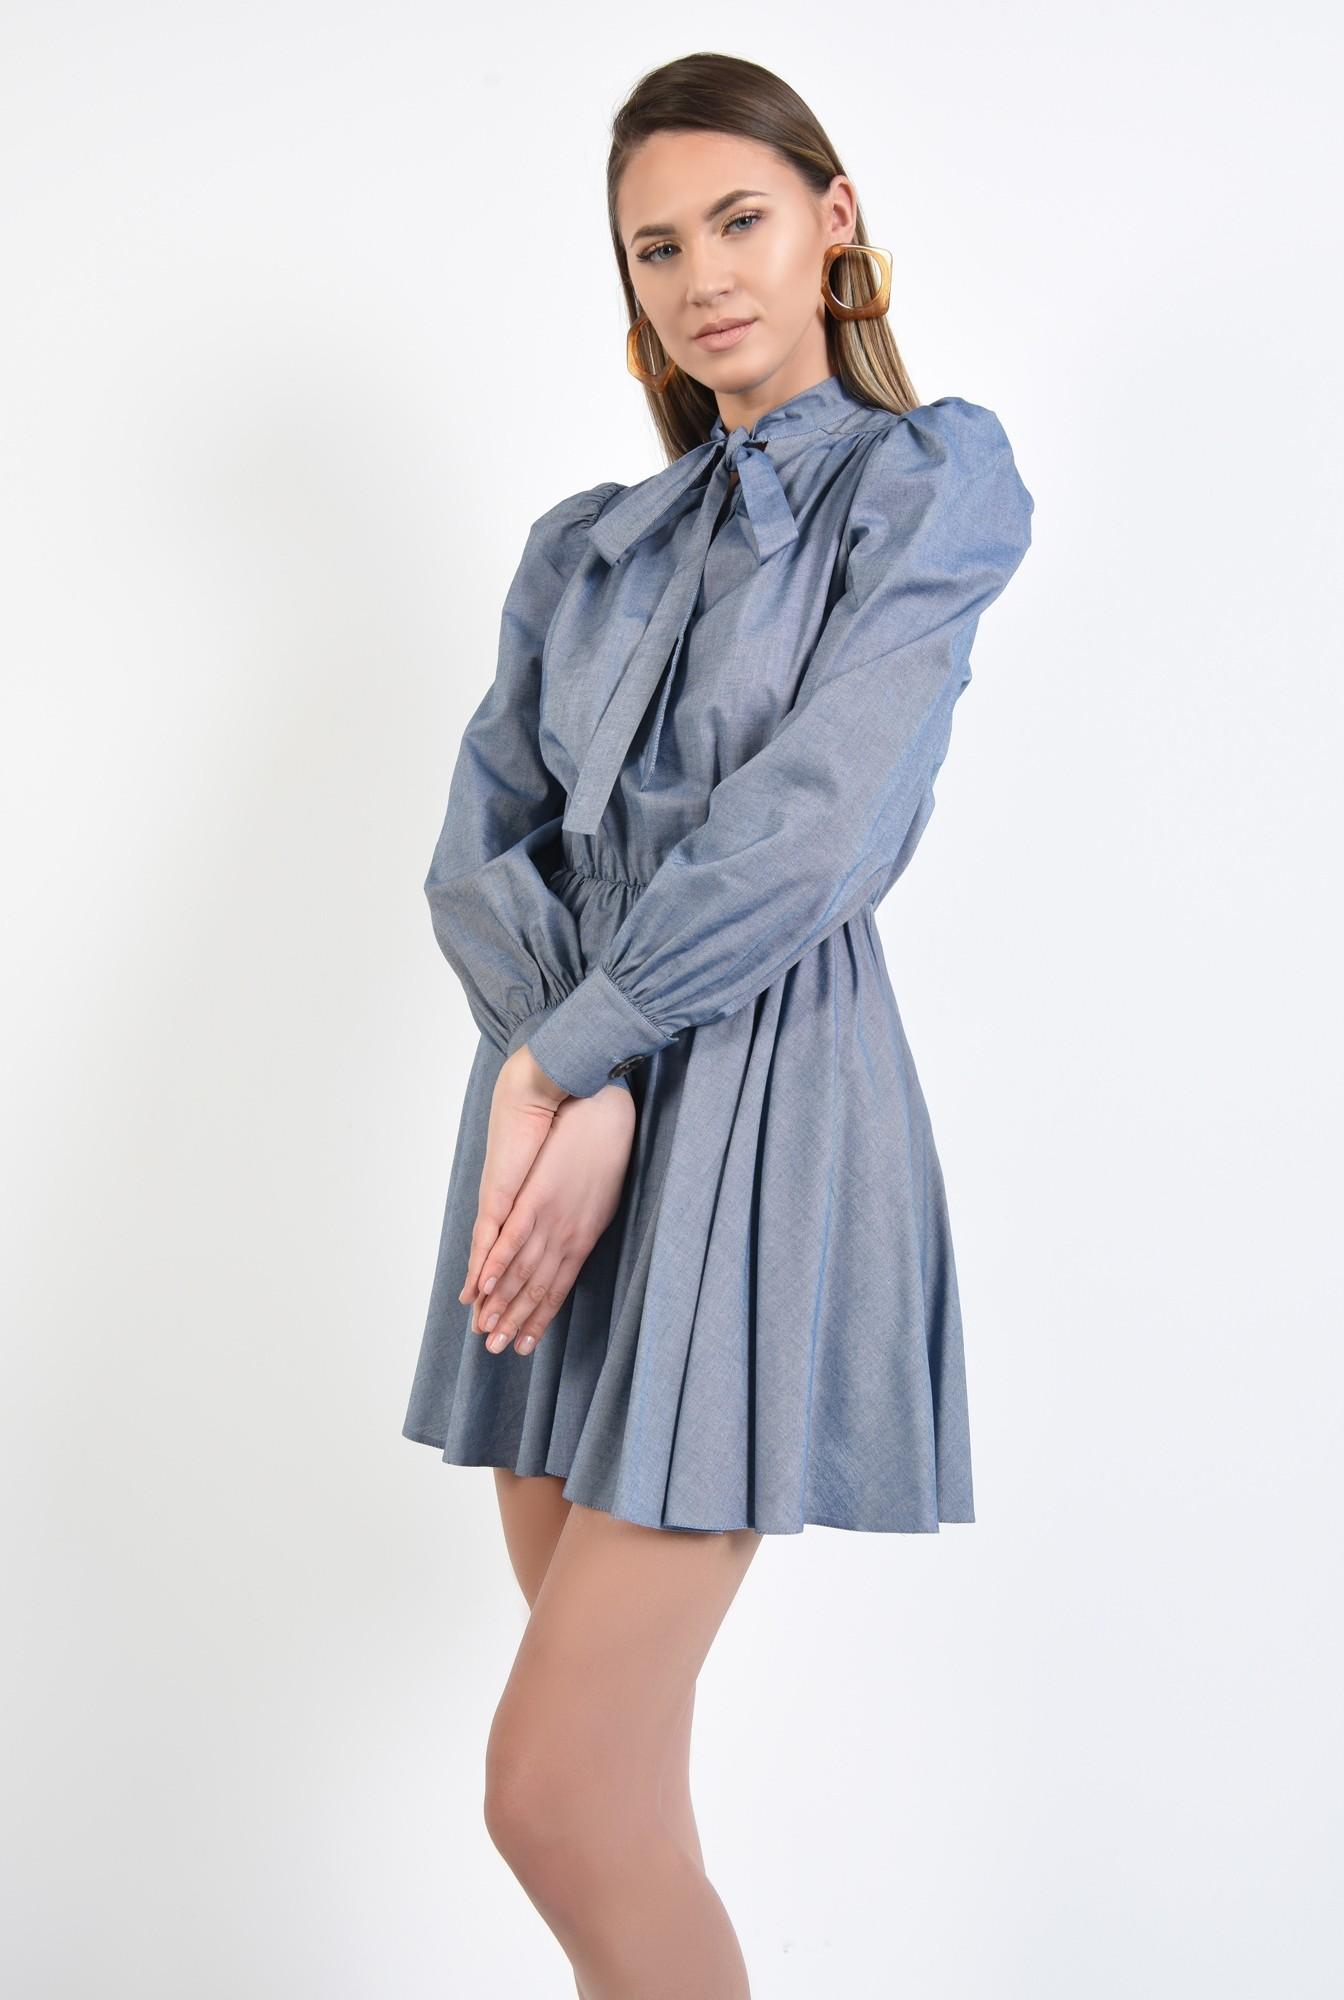 2 - rochie casual, bleu, scurta, evazata, funda cu la gat